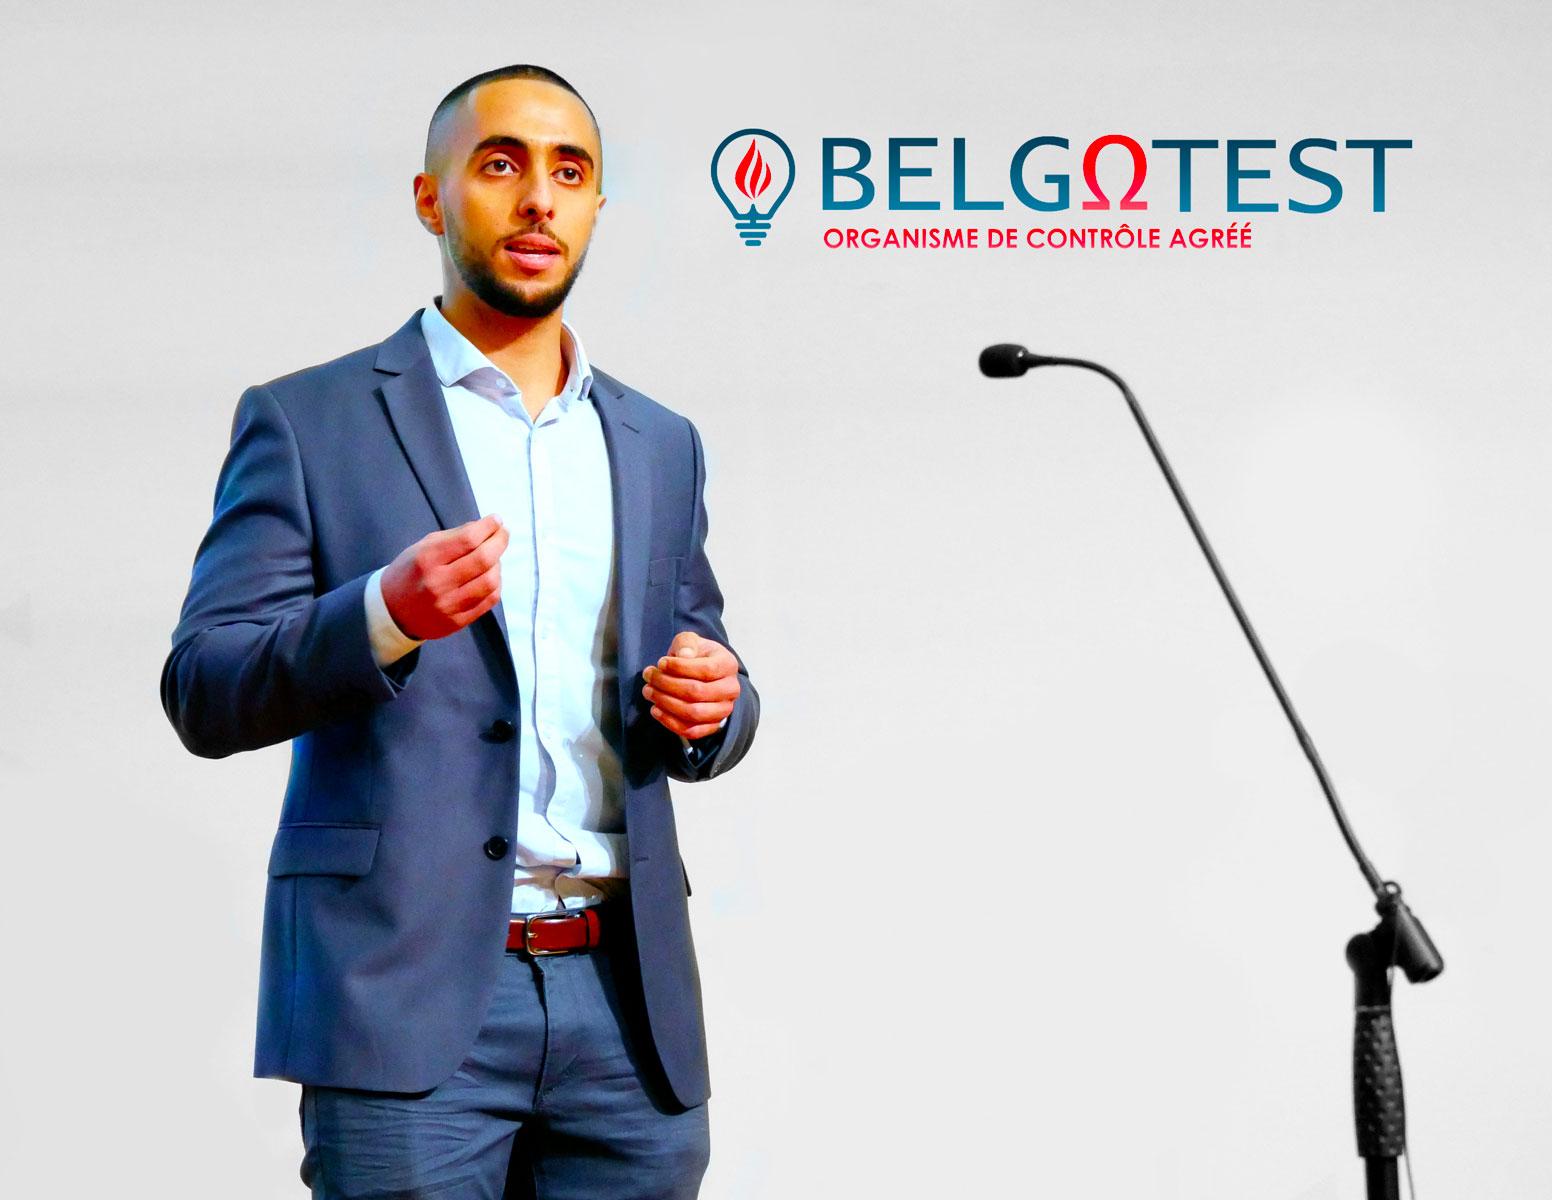 Photo Selmane Dakir Belgotest